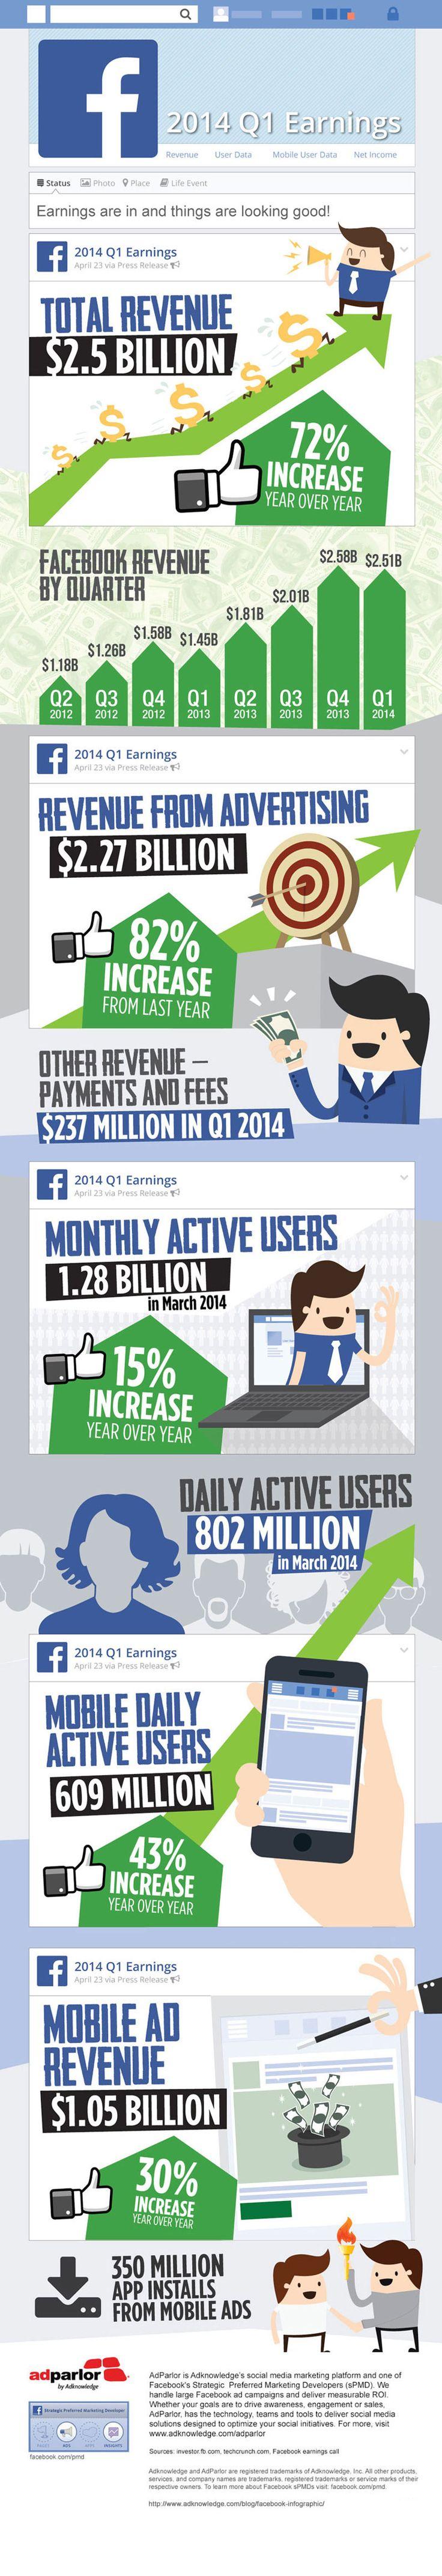 Infografica: Risultati di Facebook IQ 2014 - On Marketing